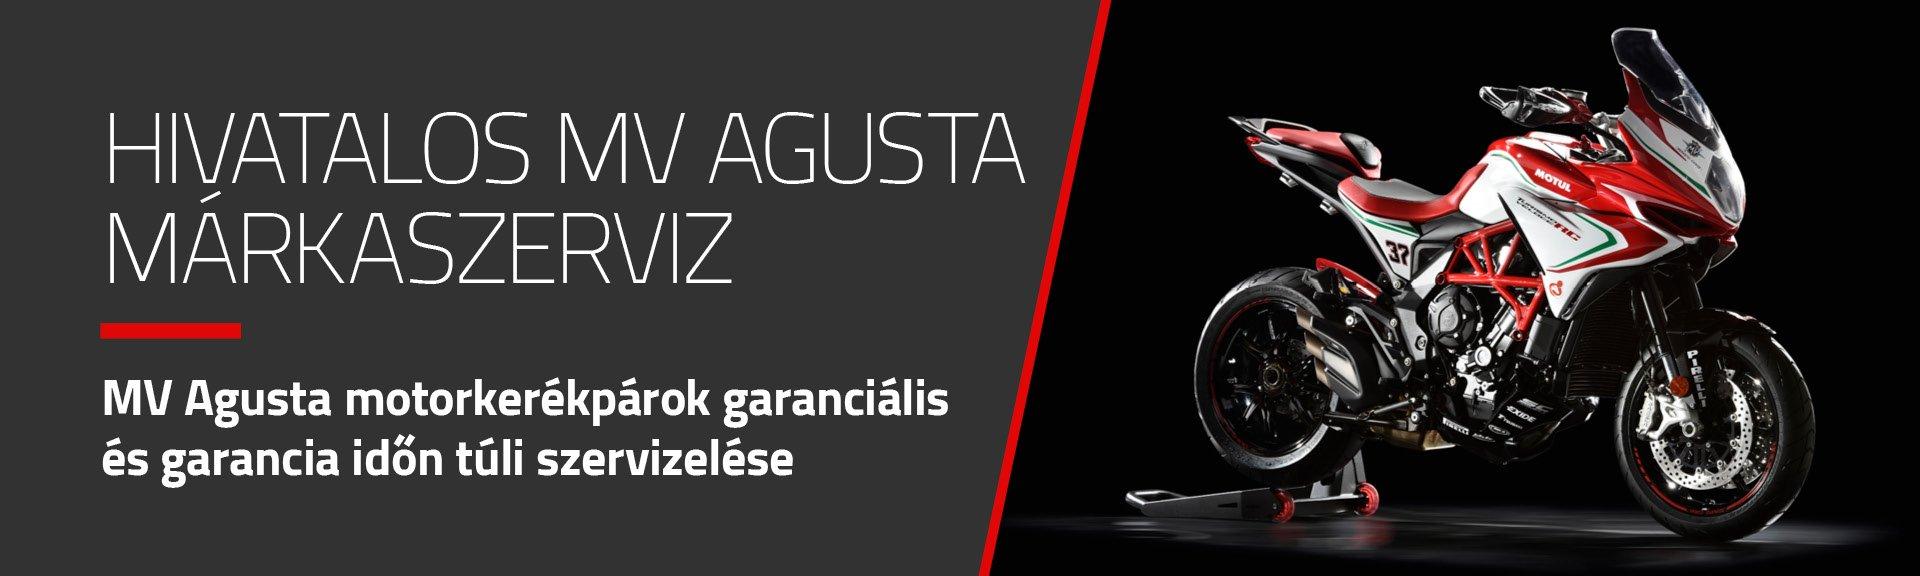 MV Agusta hivatalos márkaszerviz